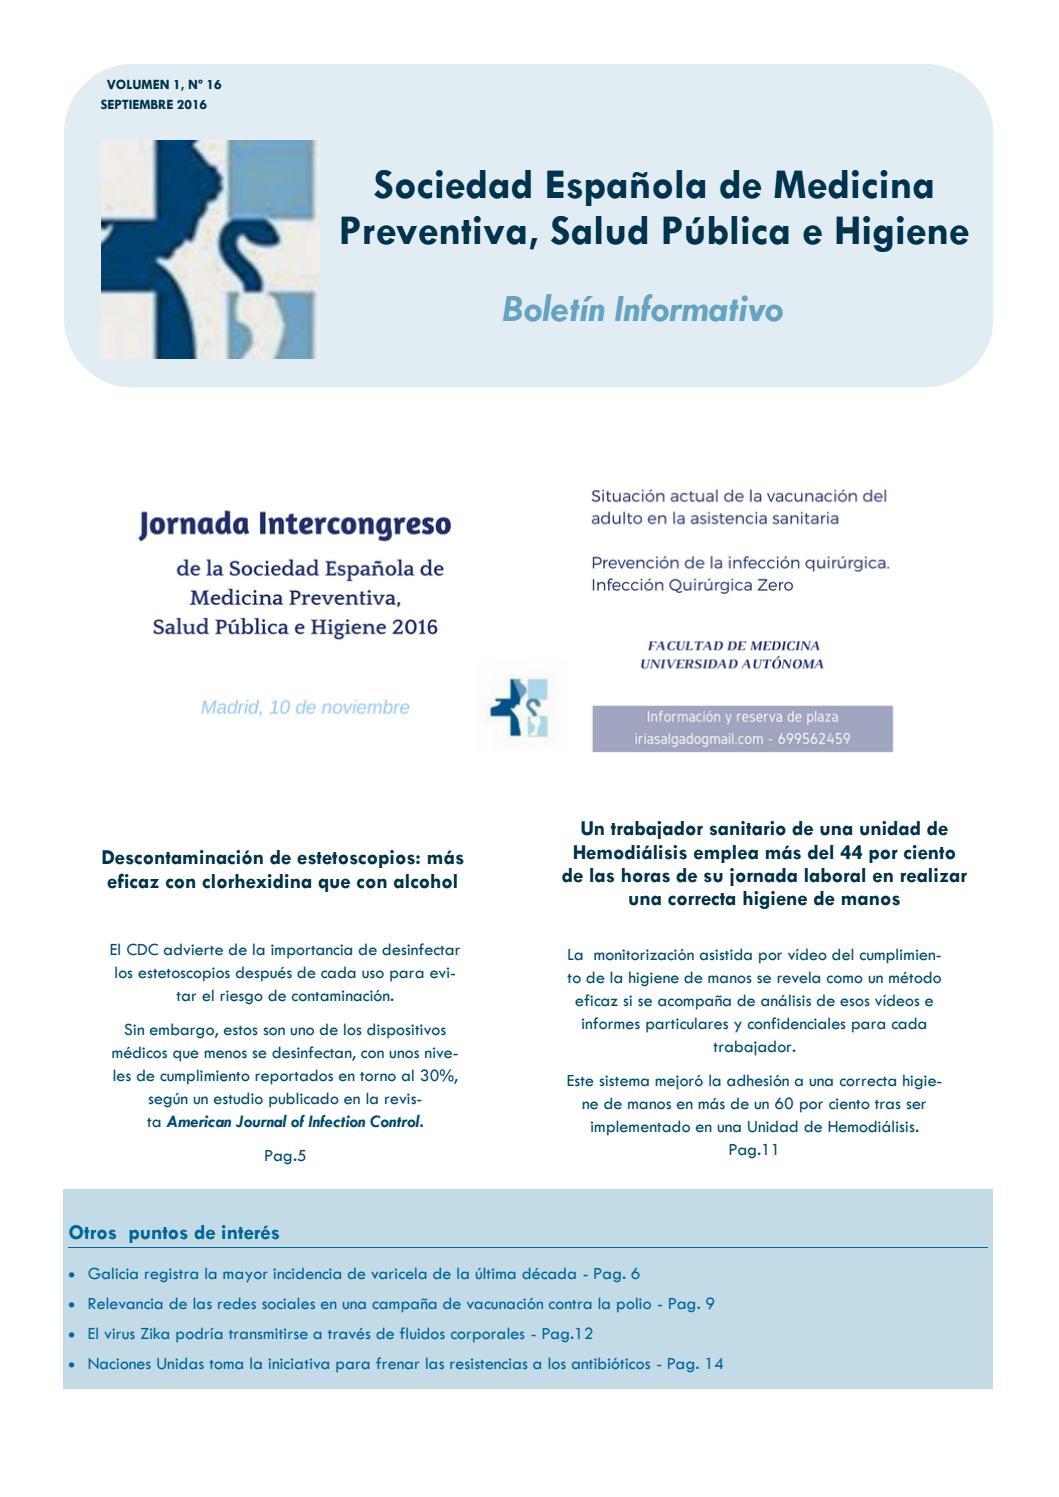 esquema de vacunacion adultos cdc